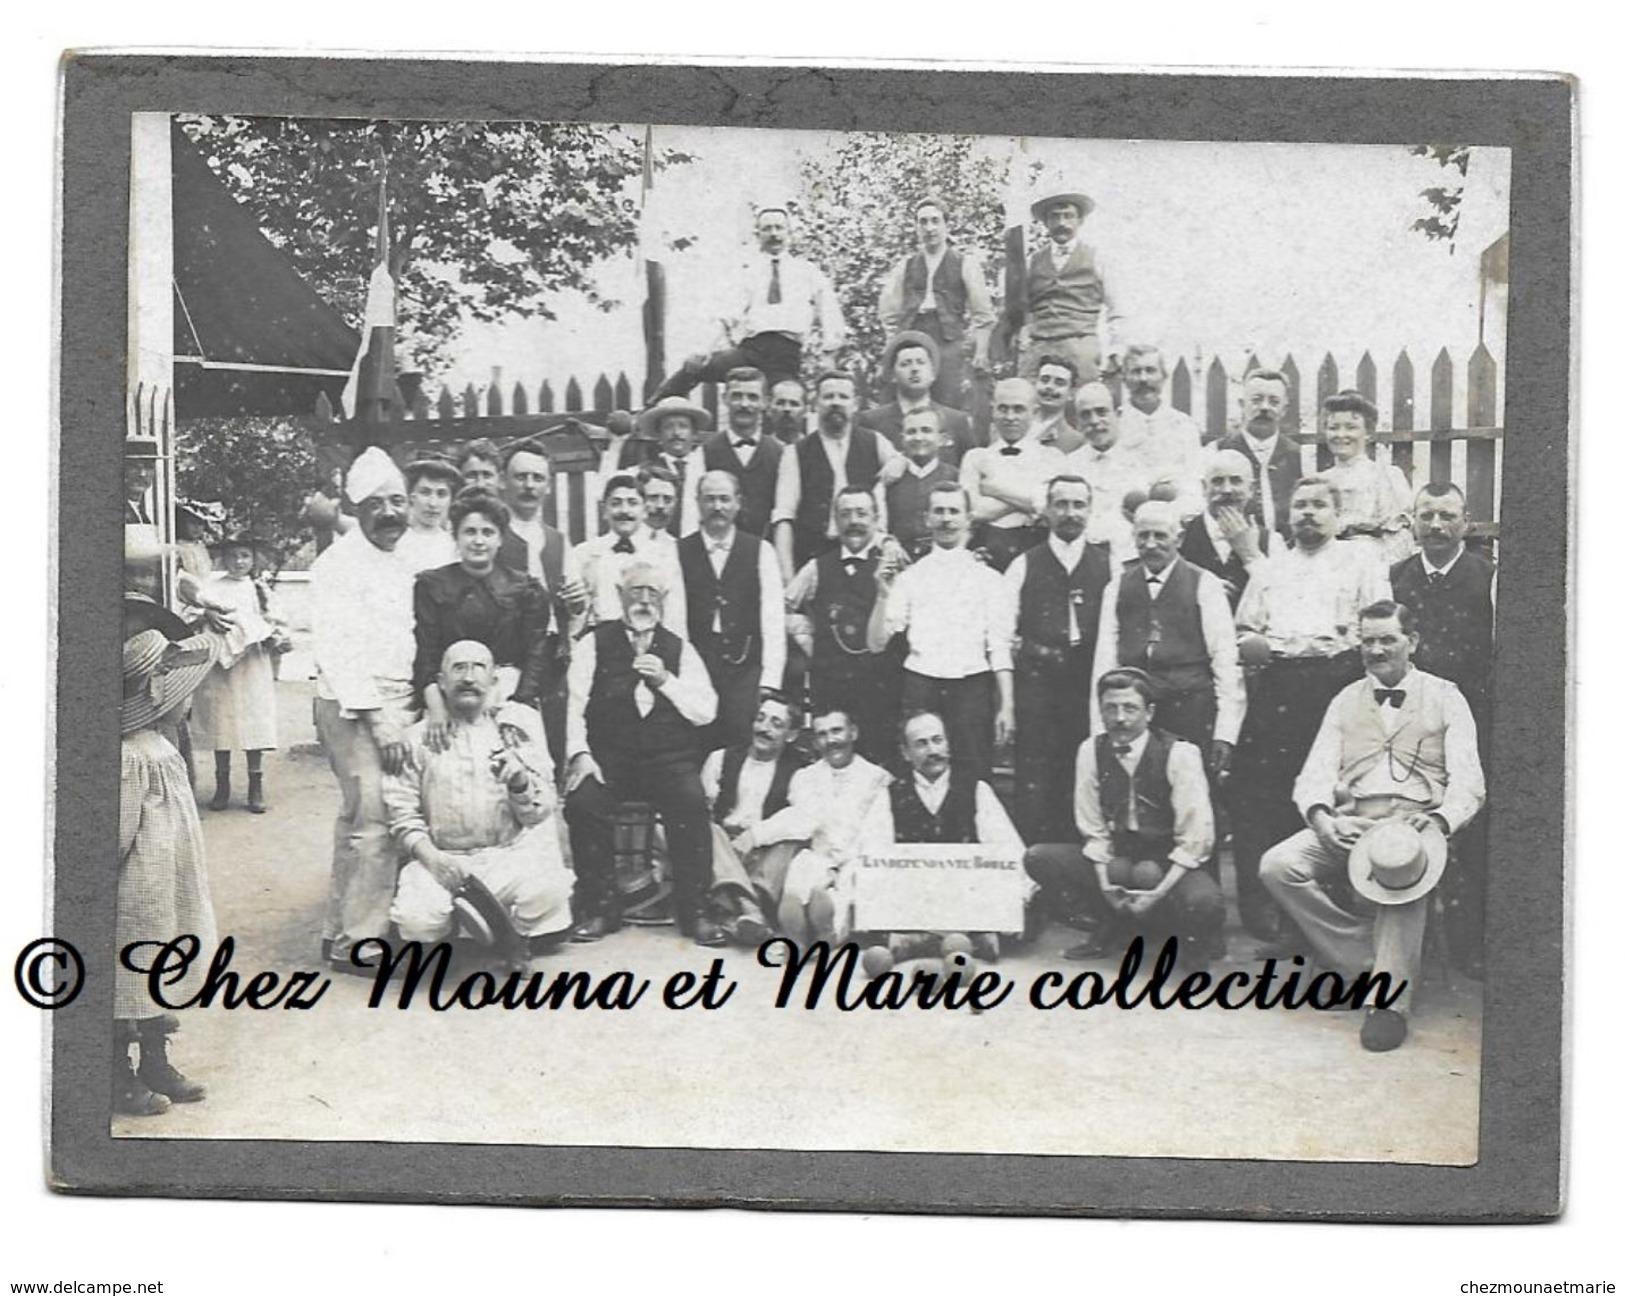 L INDEPENDANTE BOULE - CLUB DE BOULISTES - PETANQUE - BOULES - CDV PHOTO 11 X 8 CM - Pétanque